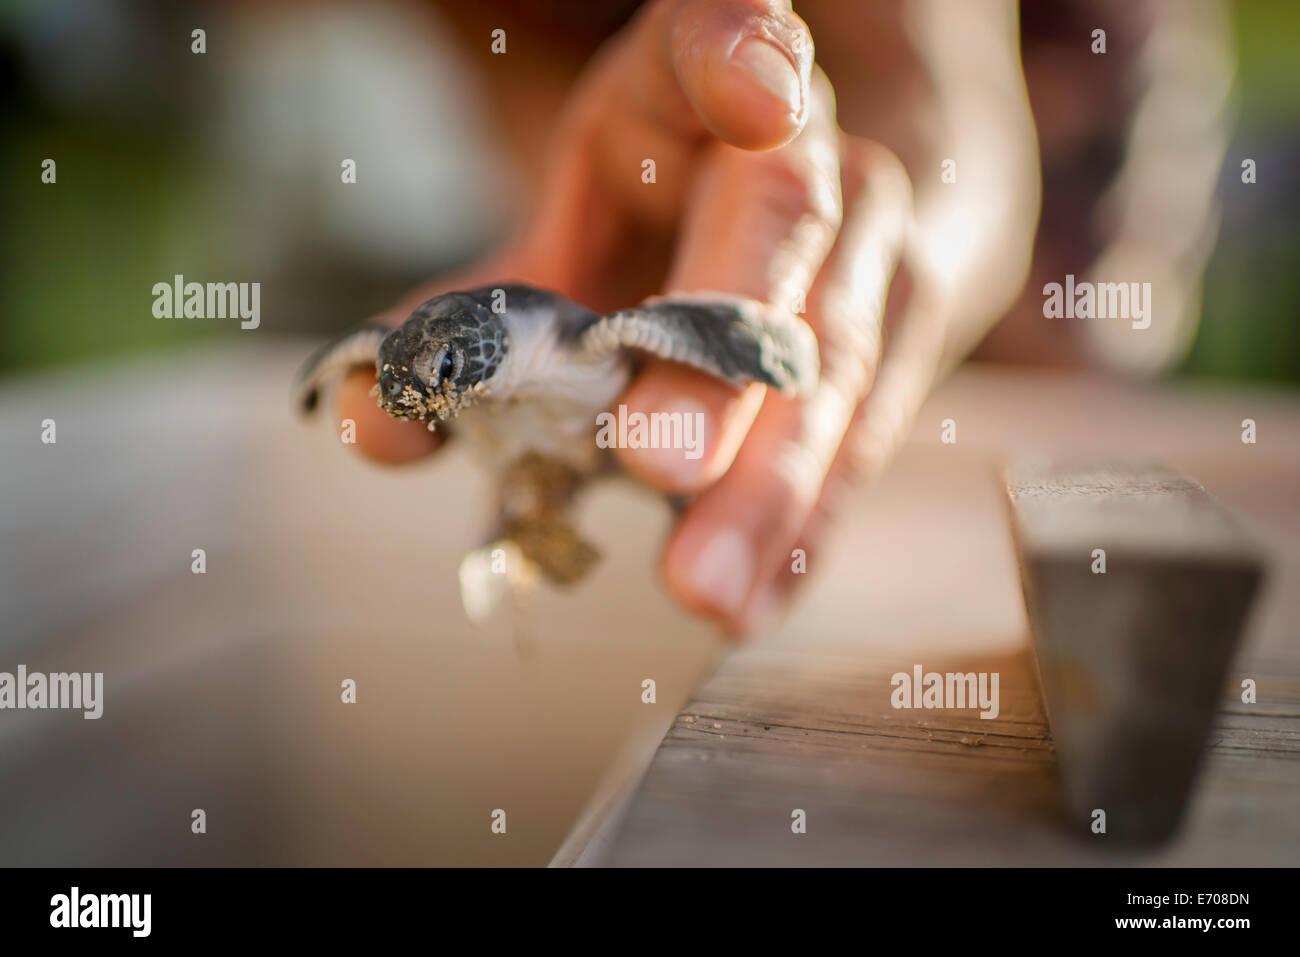 Metà maschio adulto Azienda SEA TURTLE, focus on sea turtle Immagini Stock